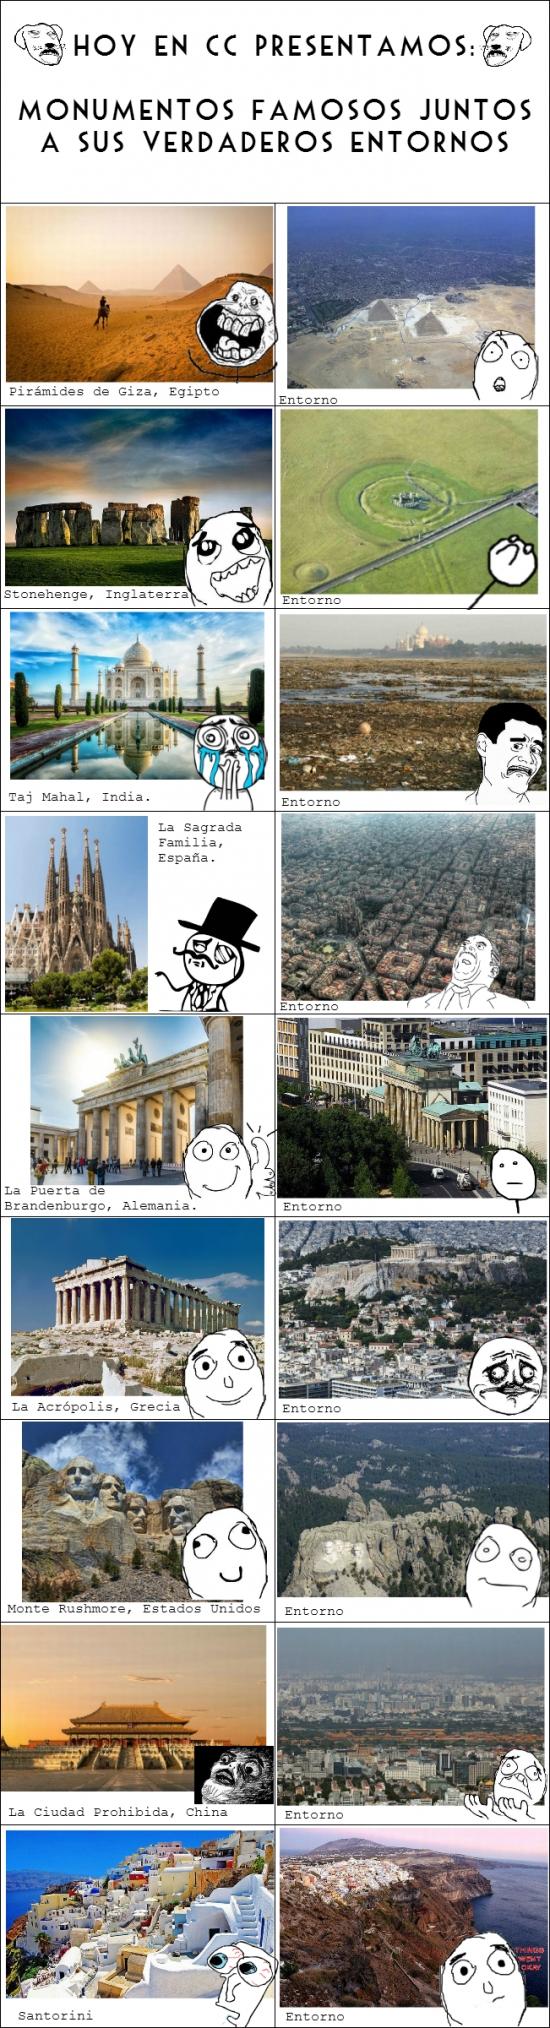 Mix - Los grandes monumentos del mundo pierden mucho si se ven junto a su entorno